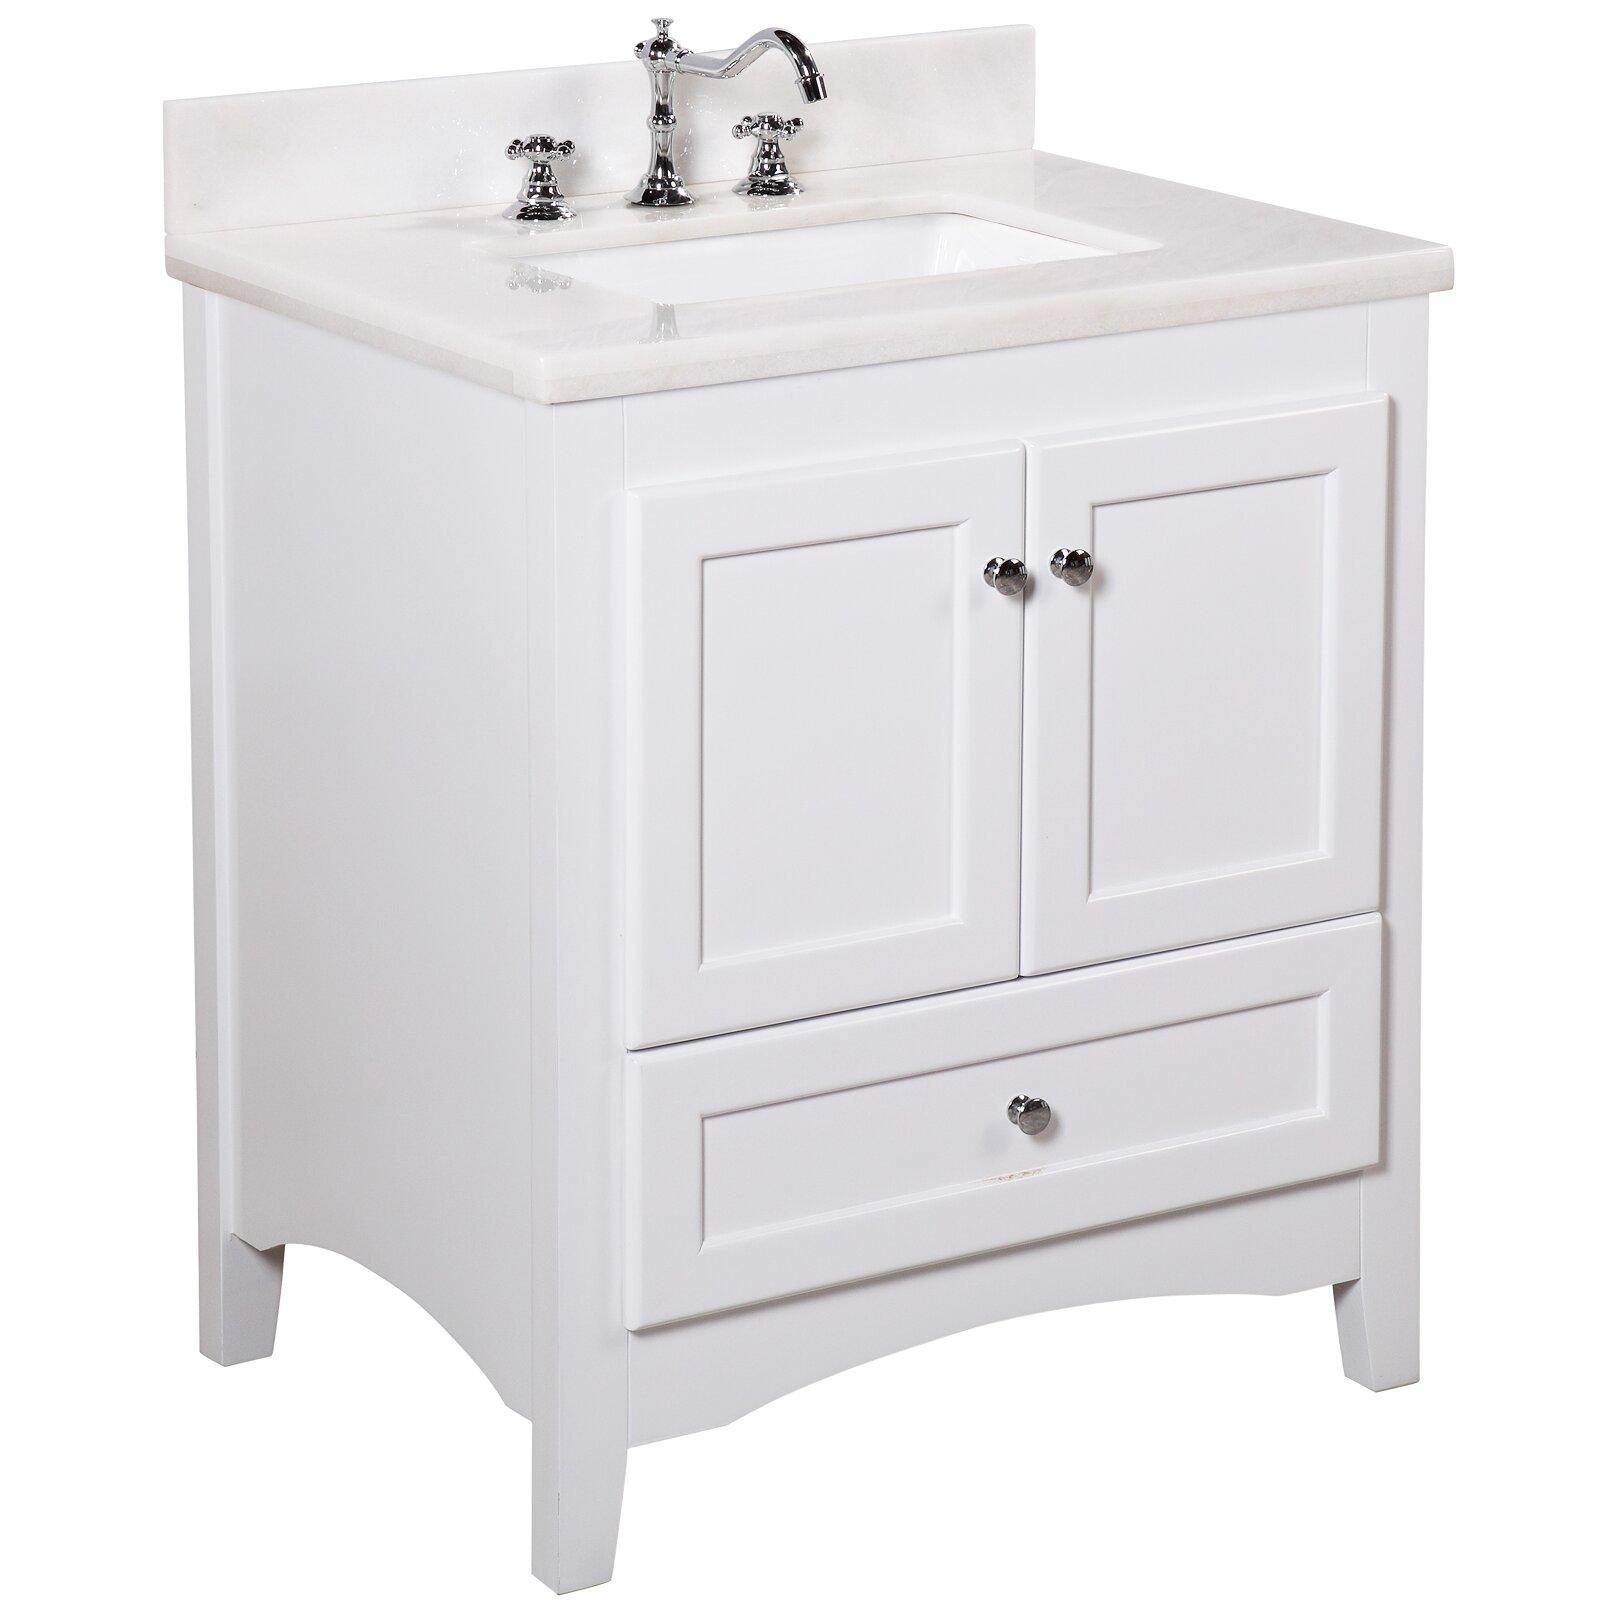 Bathroom Vanity Set Kbc Abbey 30 Single Bathroom Vanity Set Reviews Wayfair